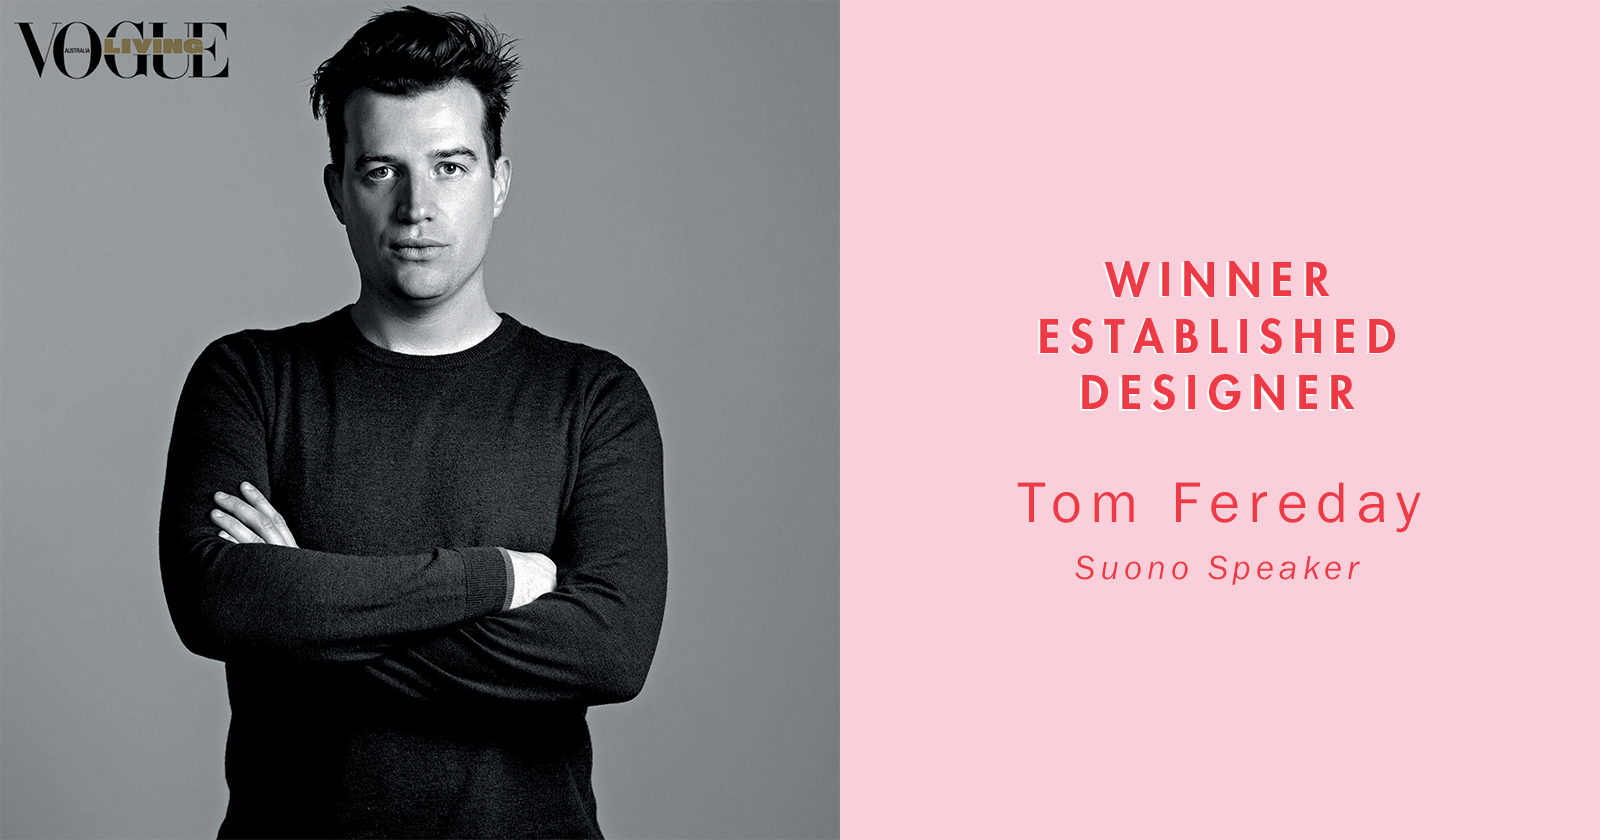 Tom fereday design awards